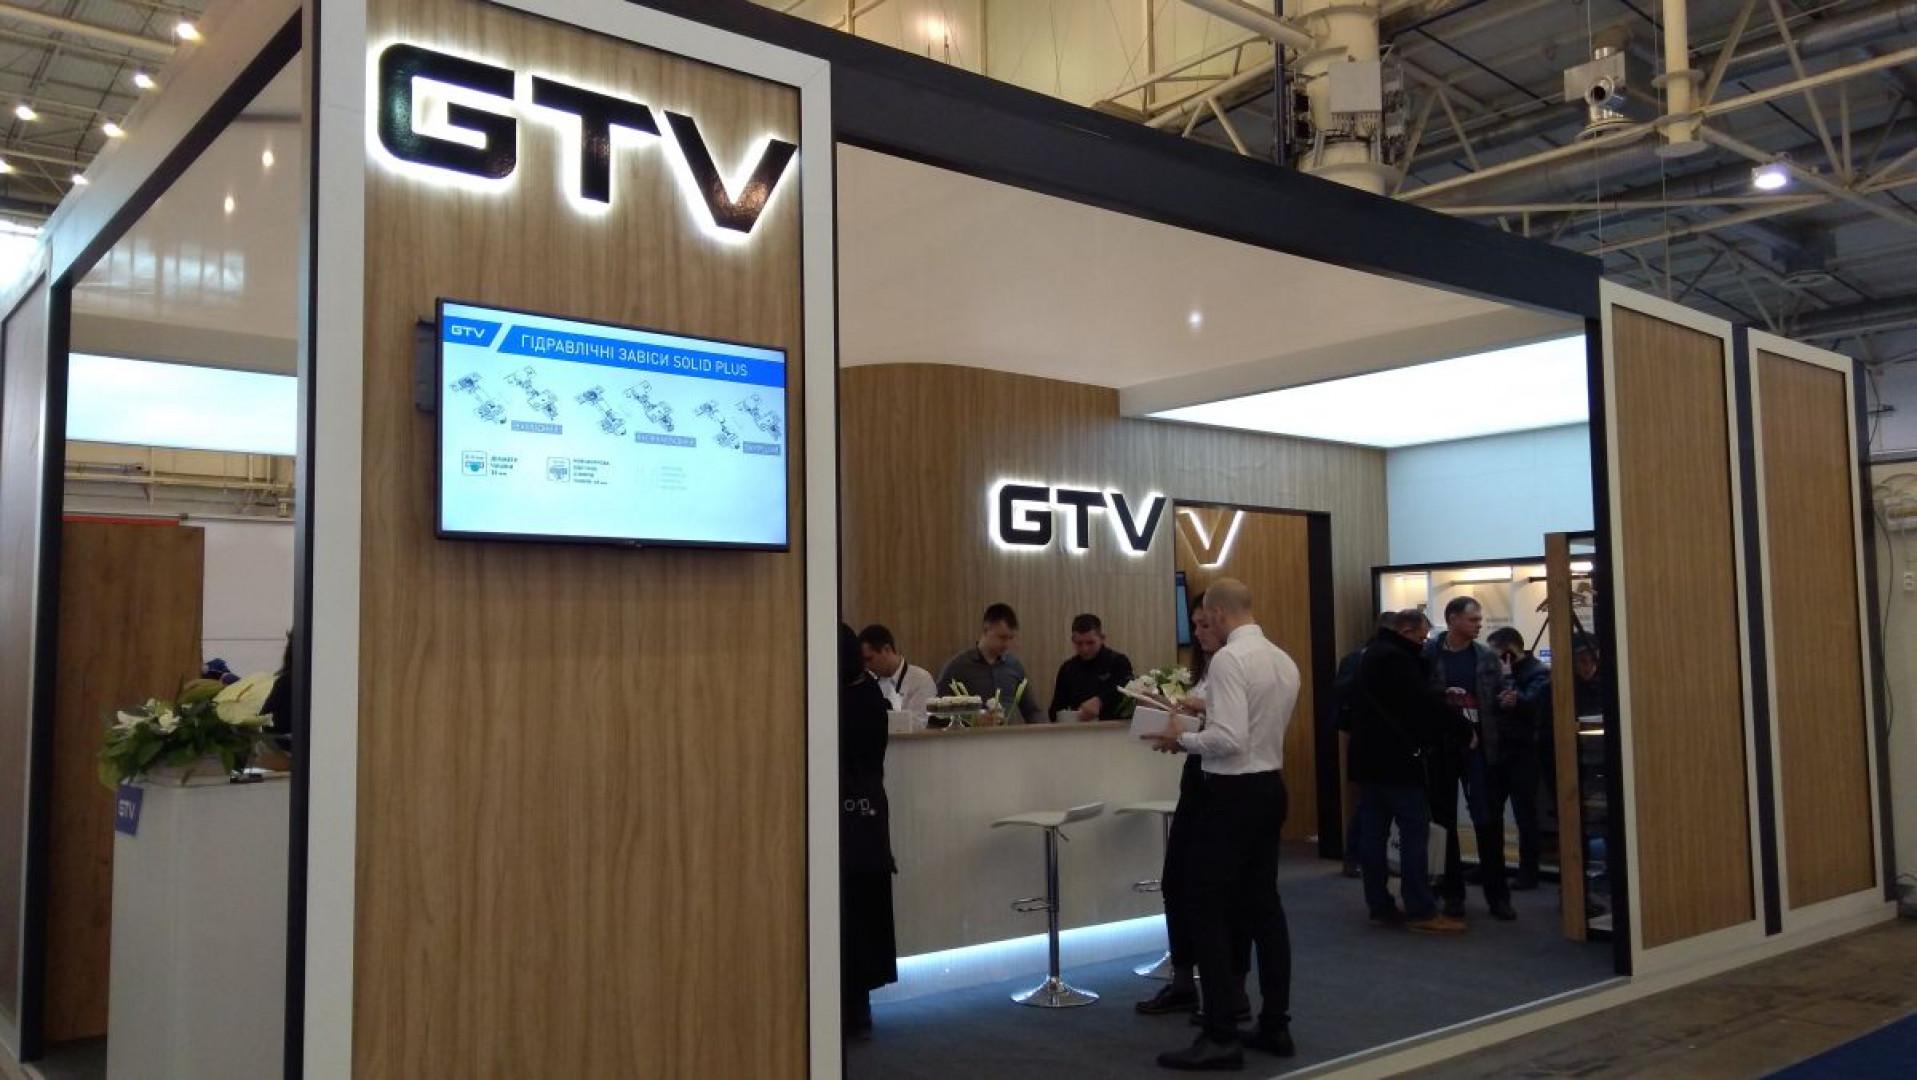 Stoisko firmy GTV na targach MTKT w Kijowie. Fot. GTV